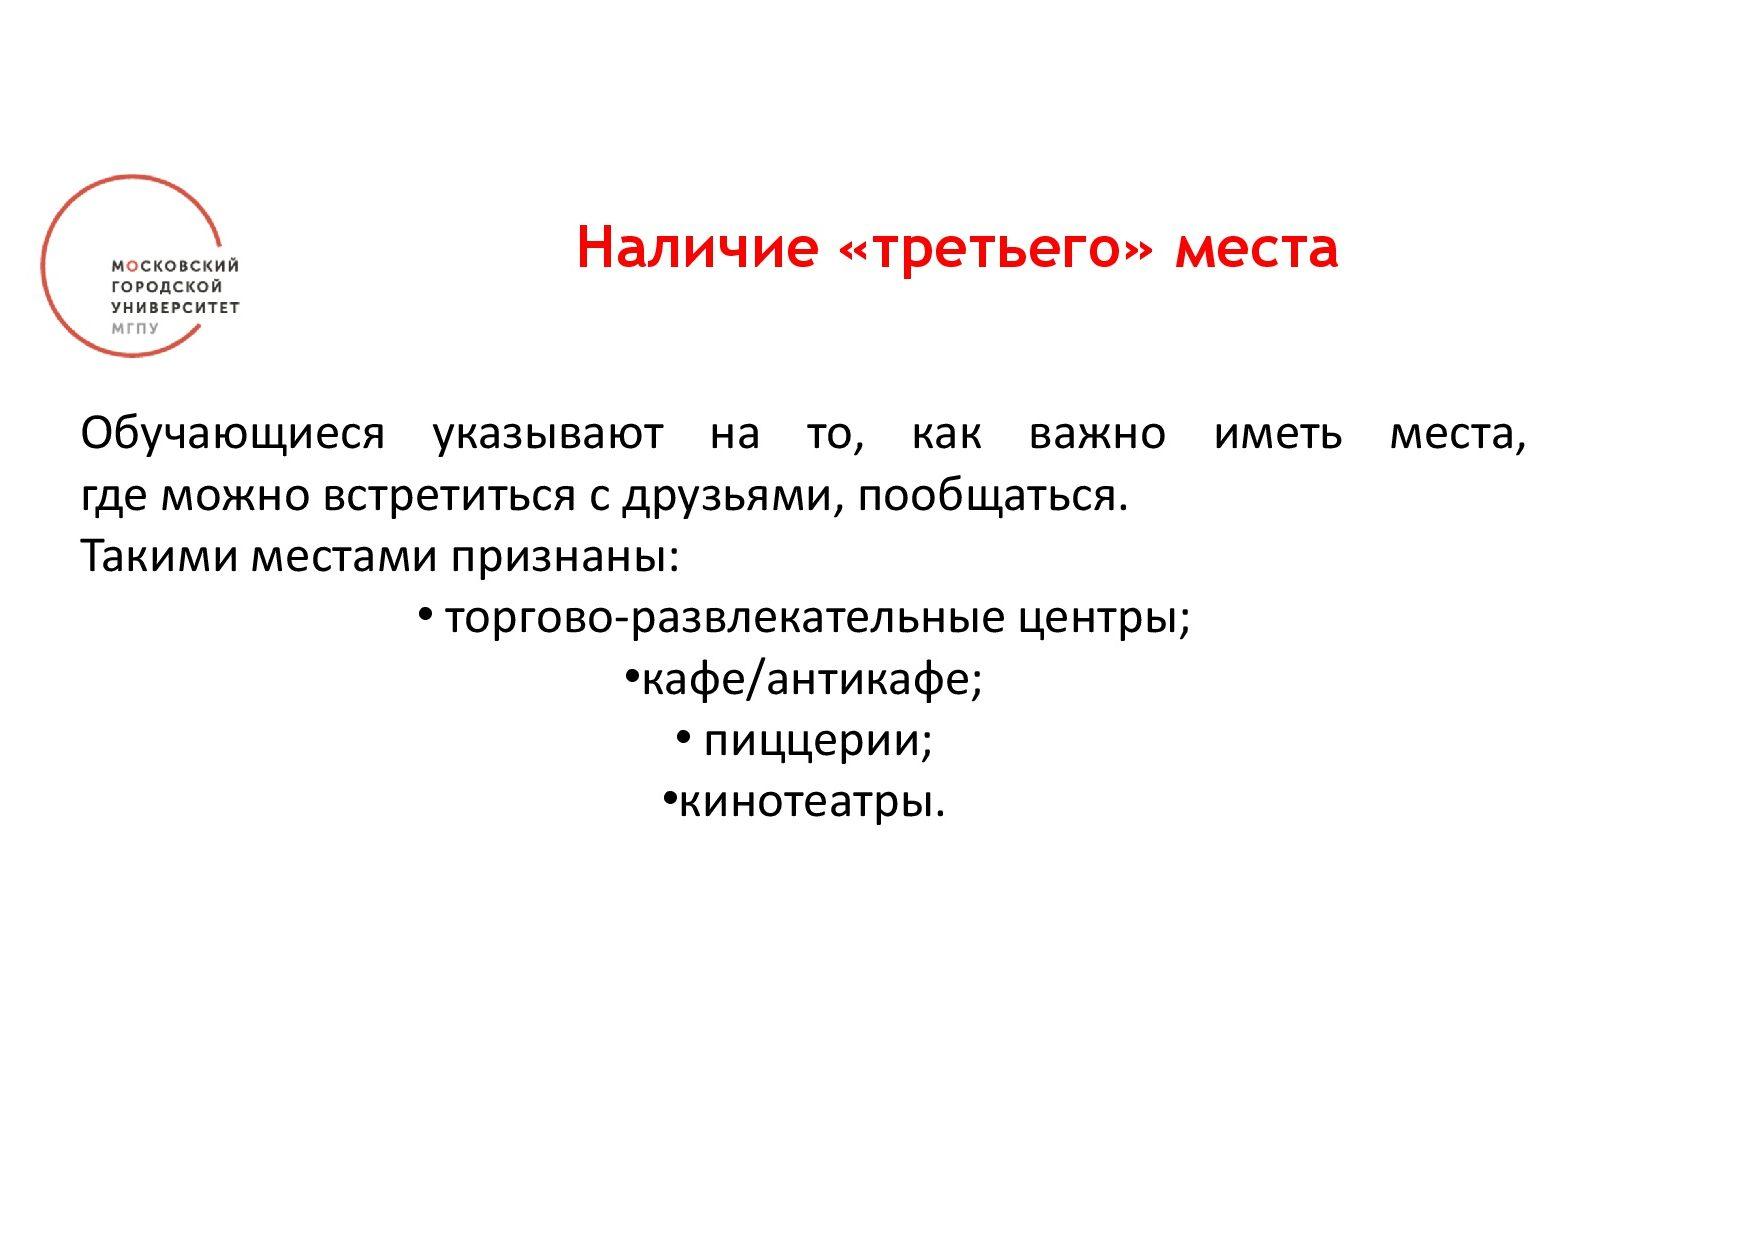 Презентация на МГК -Иванова ЕВ-021